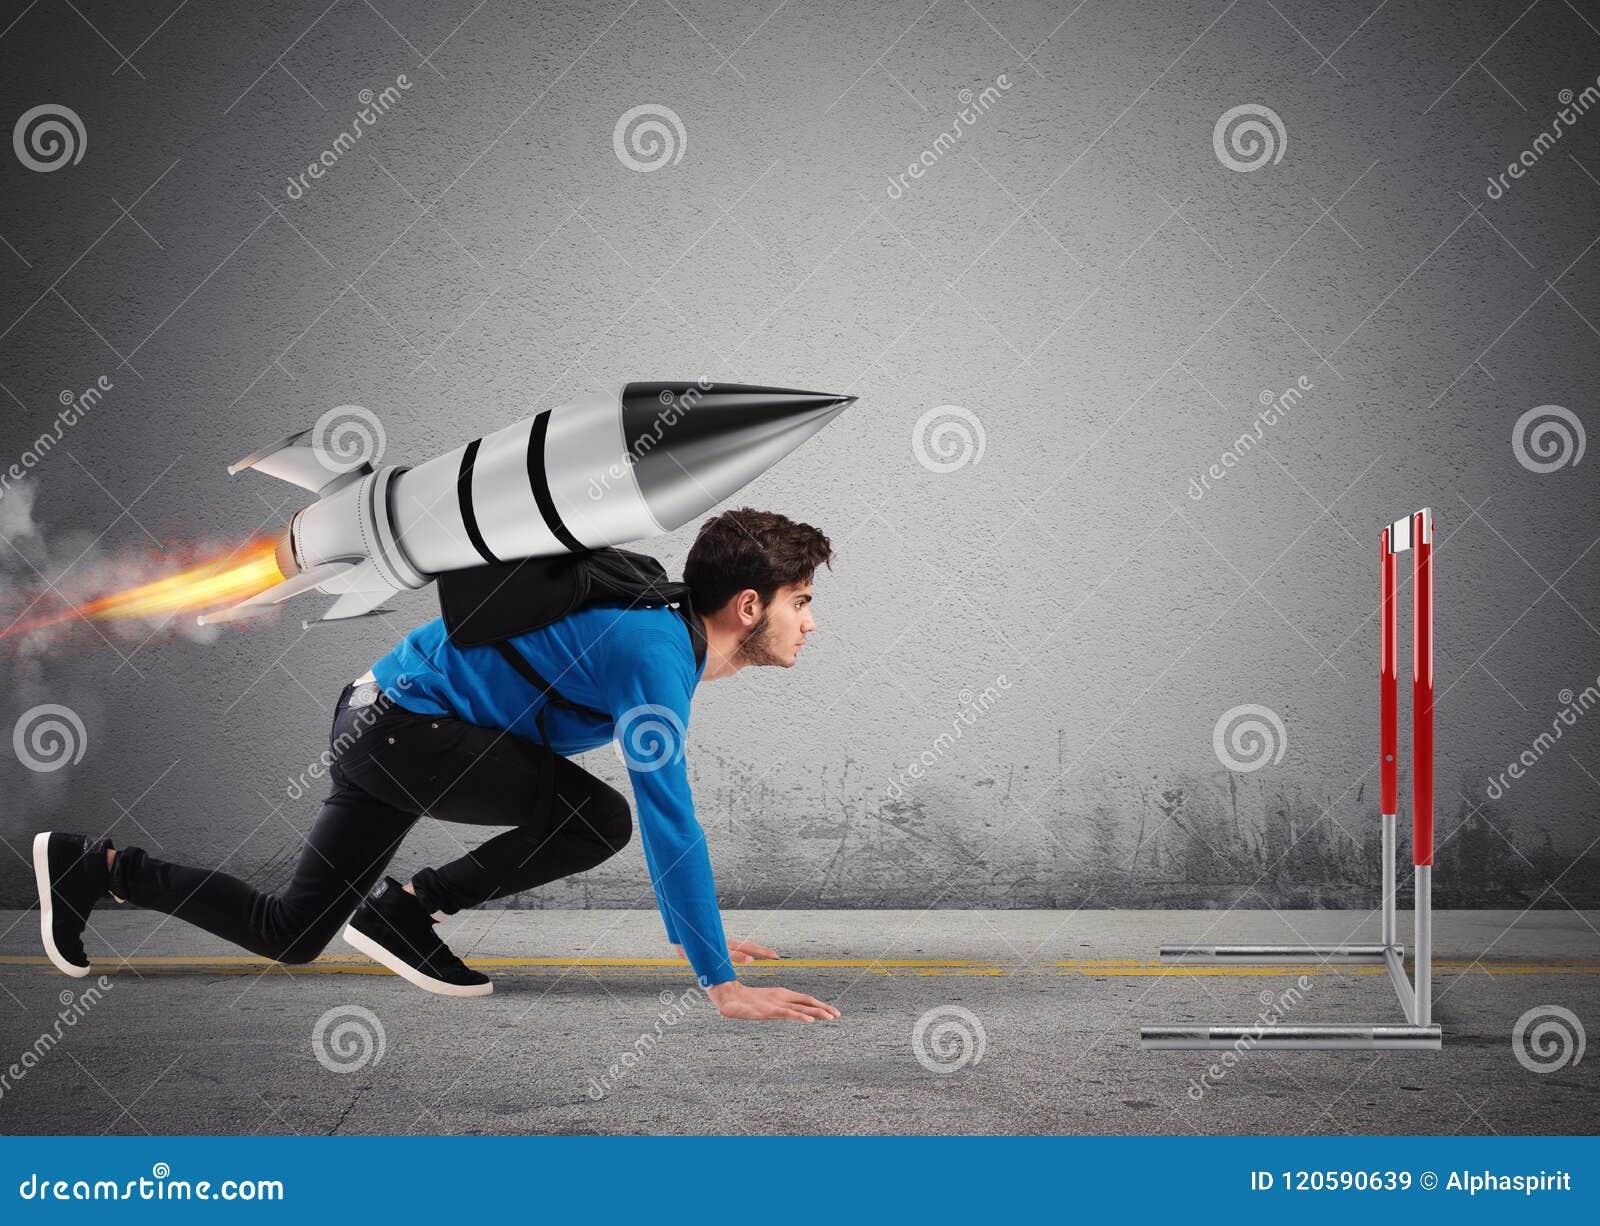 Студент преодолевает препятствия его исследований на максимальной скорости с ракетой